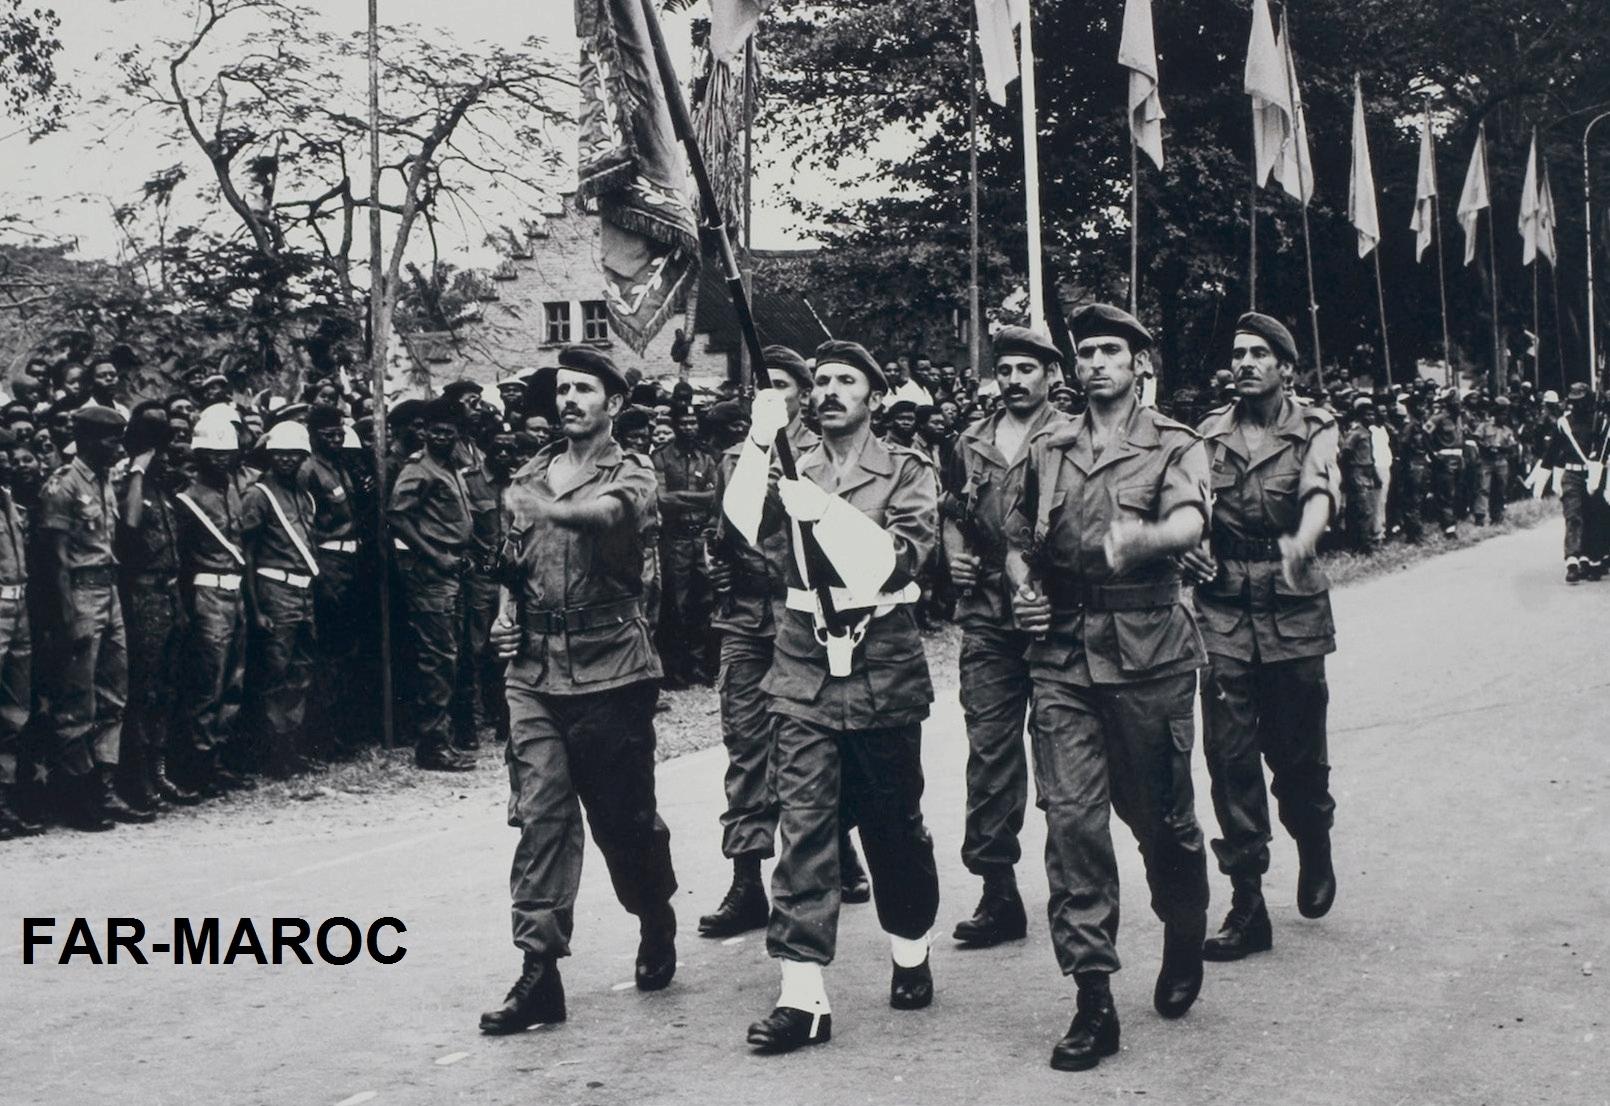 Les Forces Armées Royales au Congo - ONUC - 1960/61 Clipb185